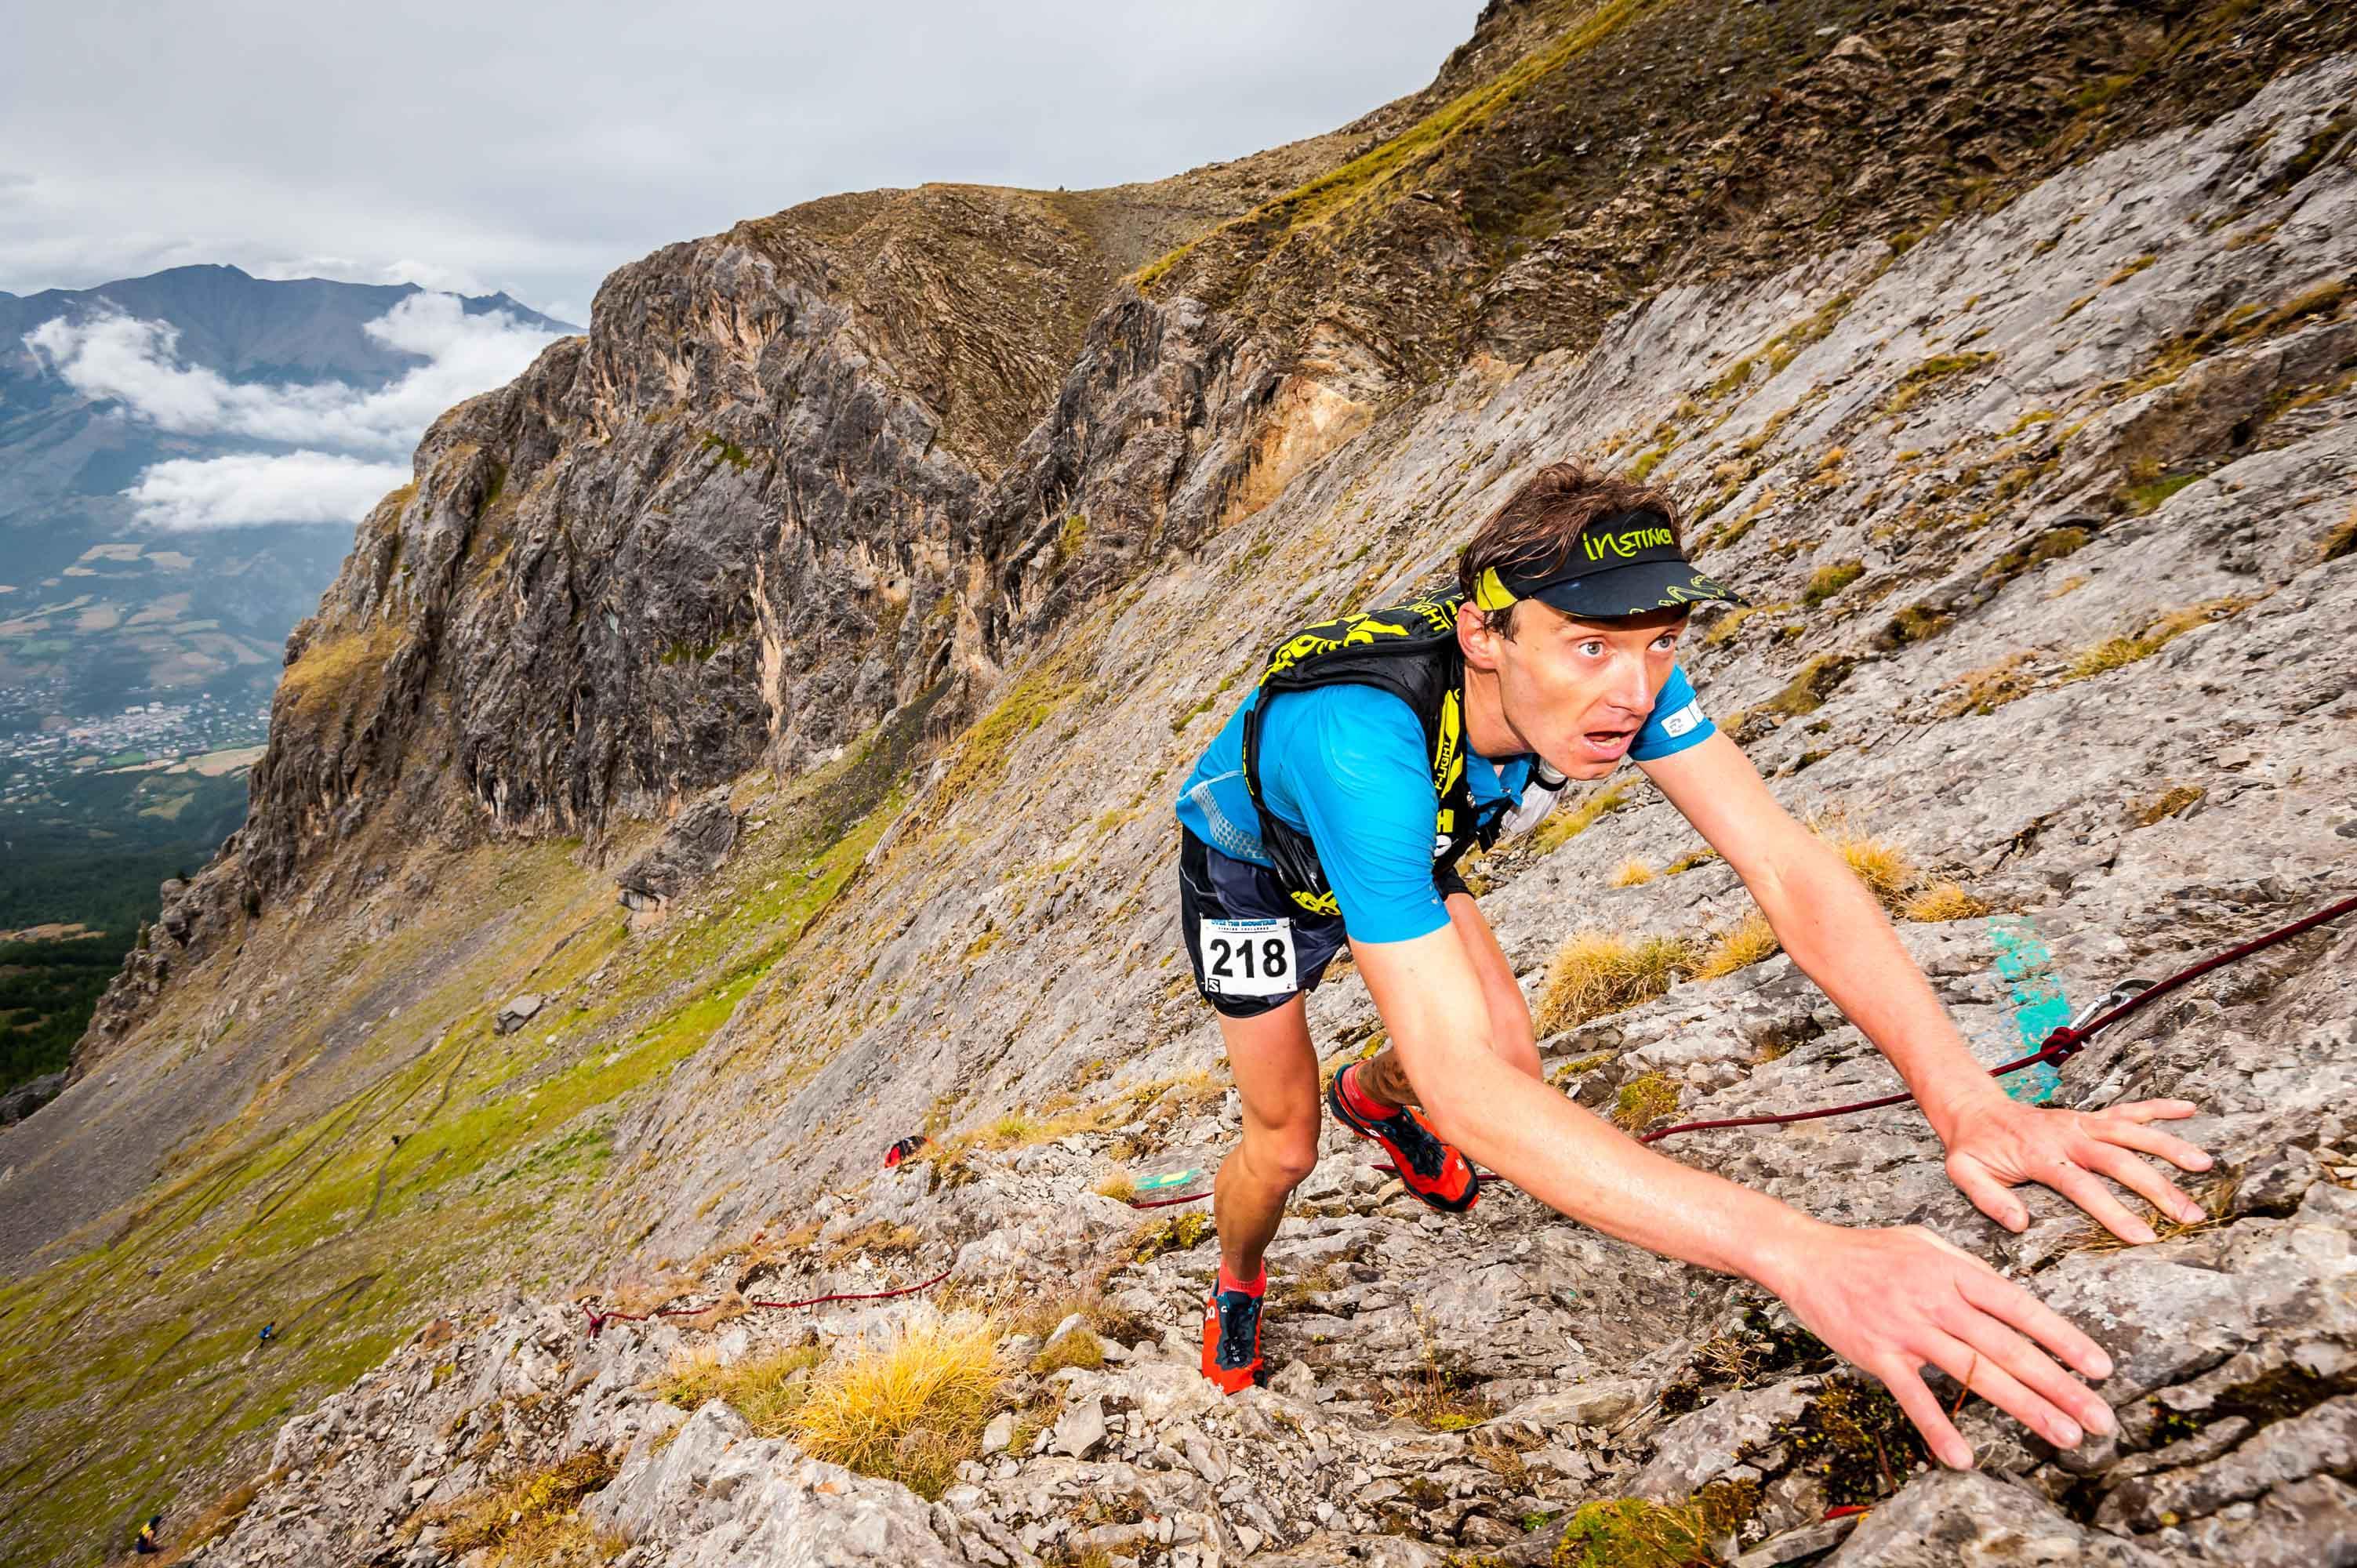 Ubaye Trail Salomon 2018, un trail technique et montagnard au coeur des Alpes du Sud